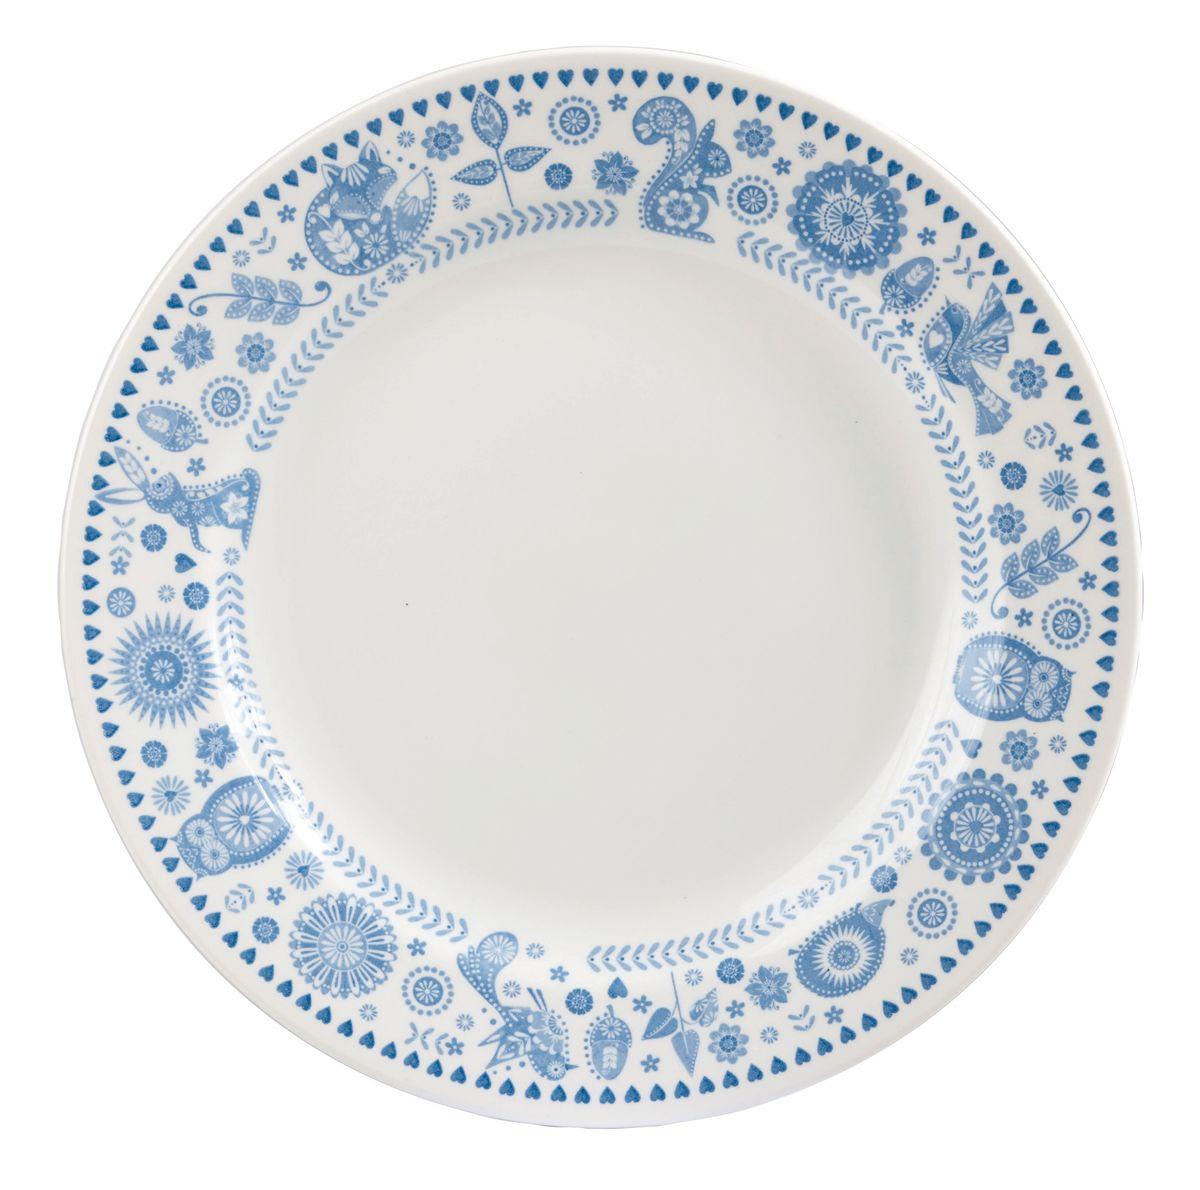 Тарелка обеденная Churchill Пензанс, диаметр 26 смPENZ00611Обеденная тарелка Churchill изготовлена из высококачественного фаянса.Изделие оформлено красивым рисунком. Можно мыть в посудомоечной машине и использовать в микроволновой печи.Диаметр тарелки (по верхнему краю): 26 см.